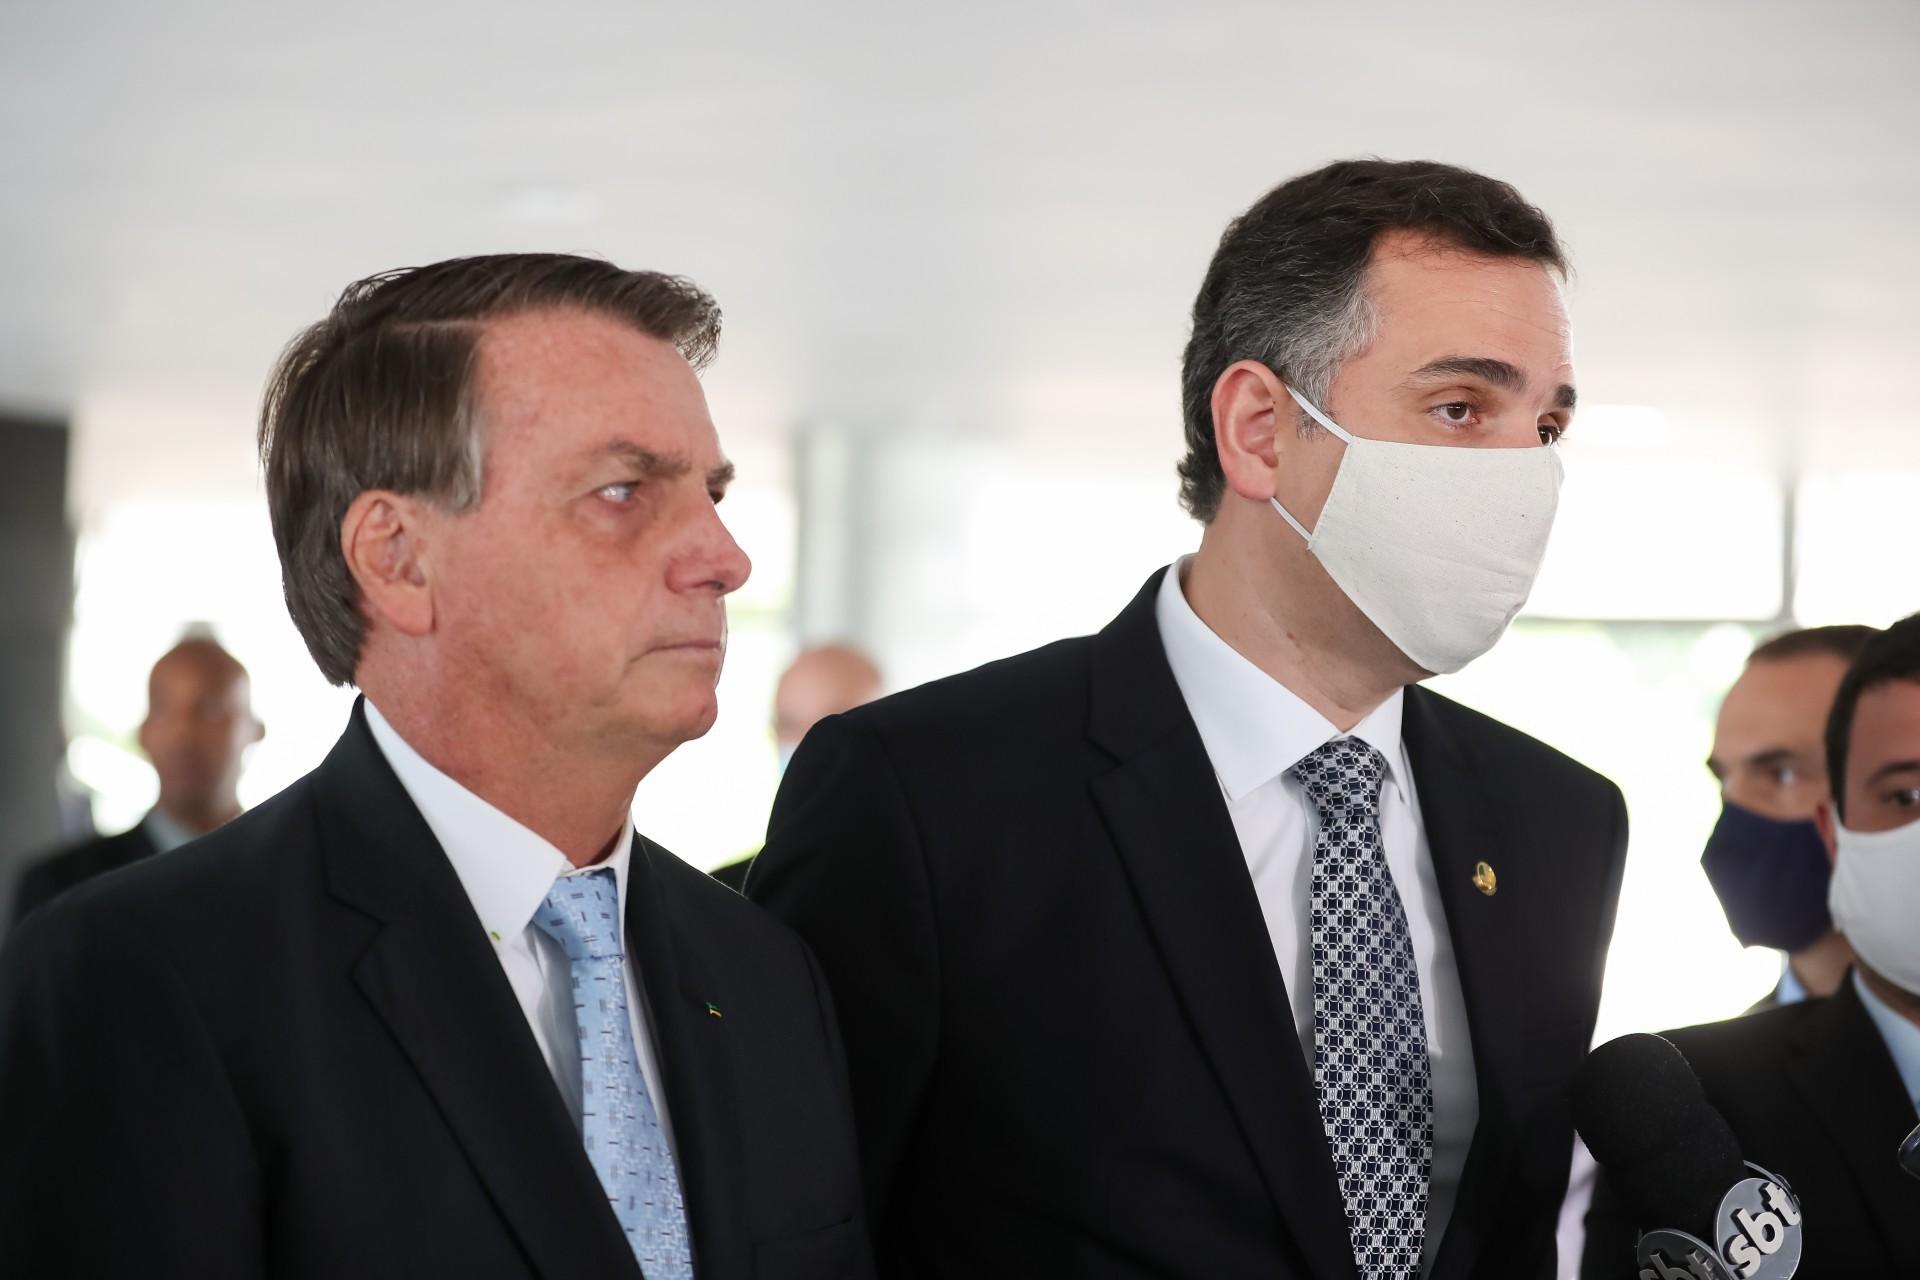 PRESIDENTE sofreu duplo revés no Congresso e no Supremo (Foto: Marcos Corrêa/Presidência da República)